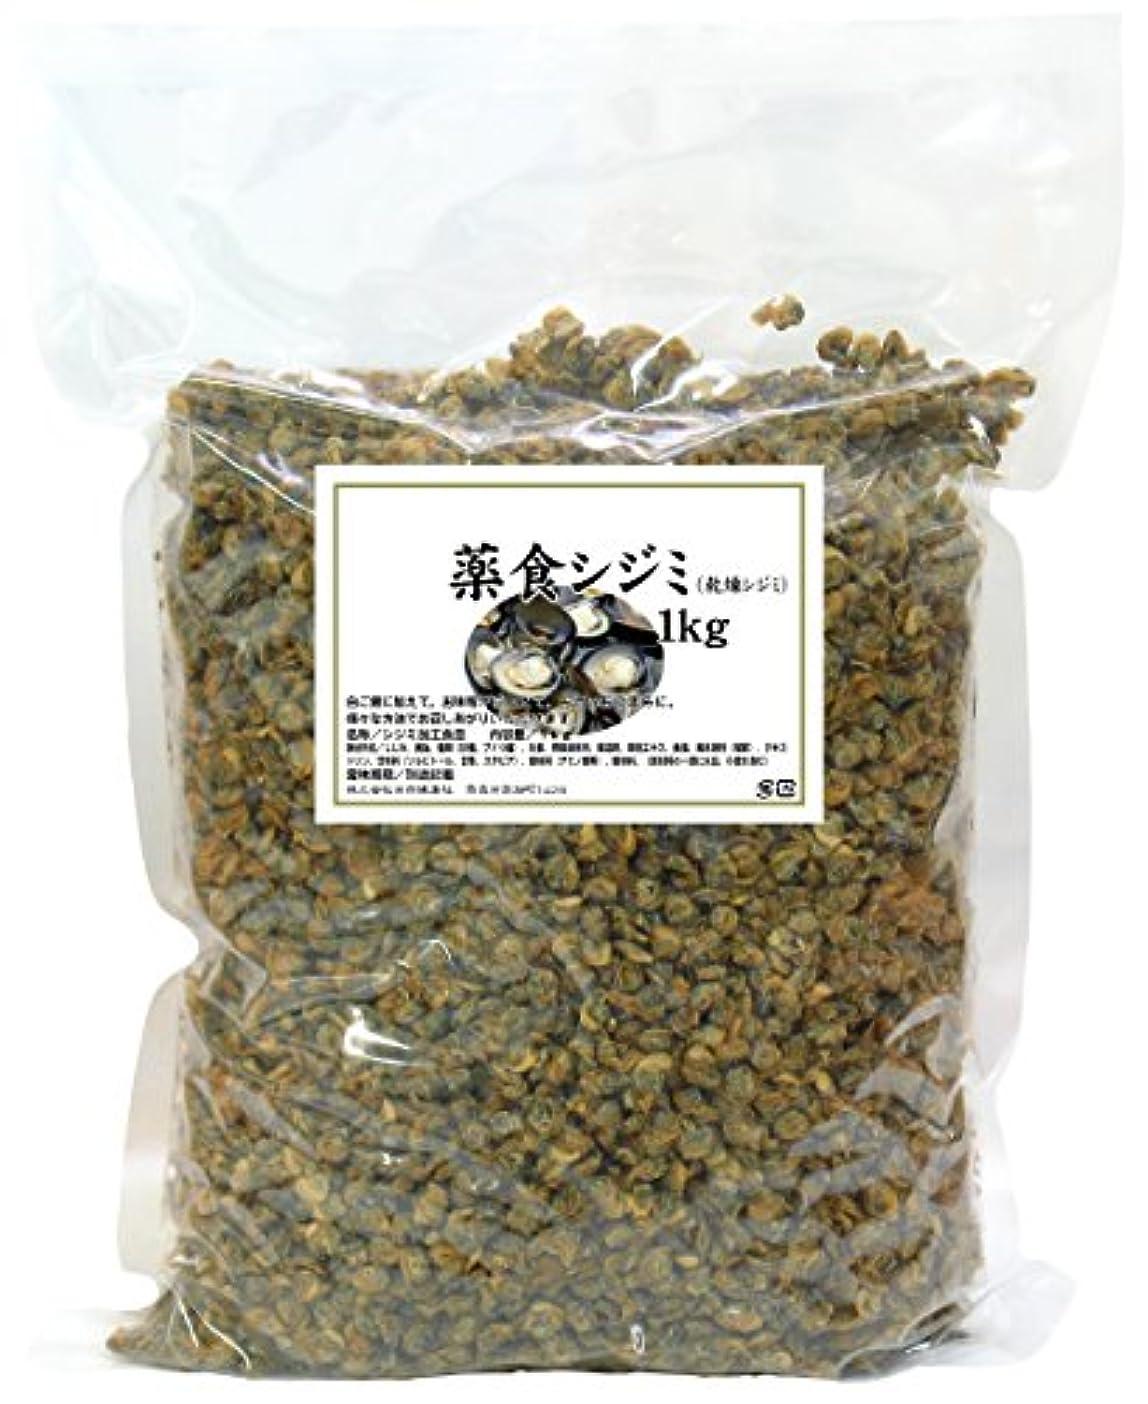 下線地雷原維持する乾燥シジミ1kg タウリン オルニチン 自然食品